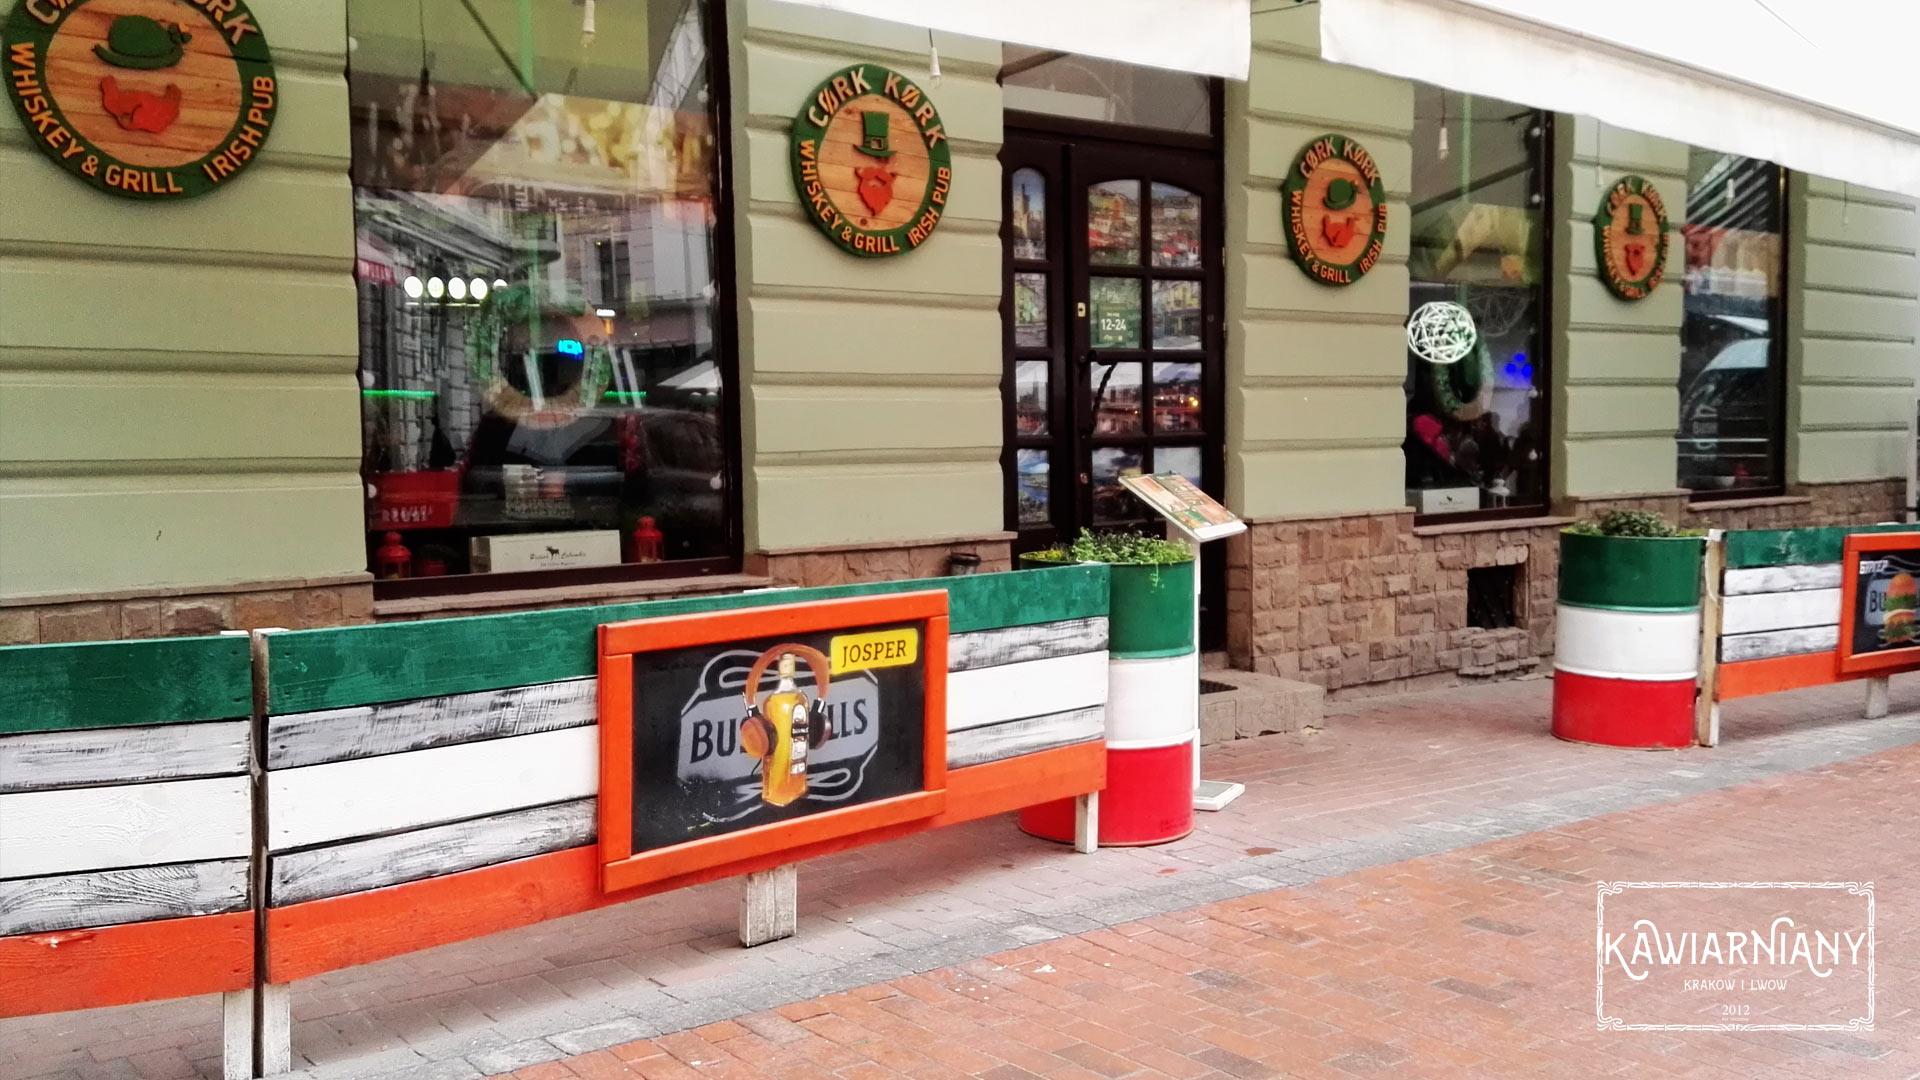 Irish pub Kork whiskey & grill we Lwowie. 70 rodzajów whiskey! Pasaż Krzywa Lipa 5, Lwów